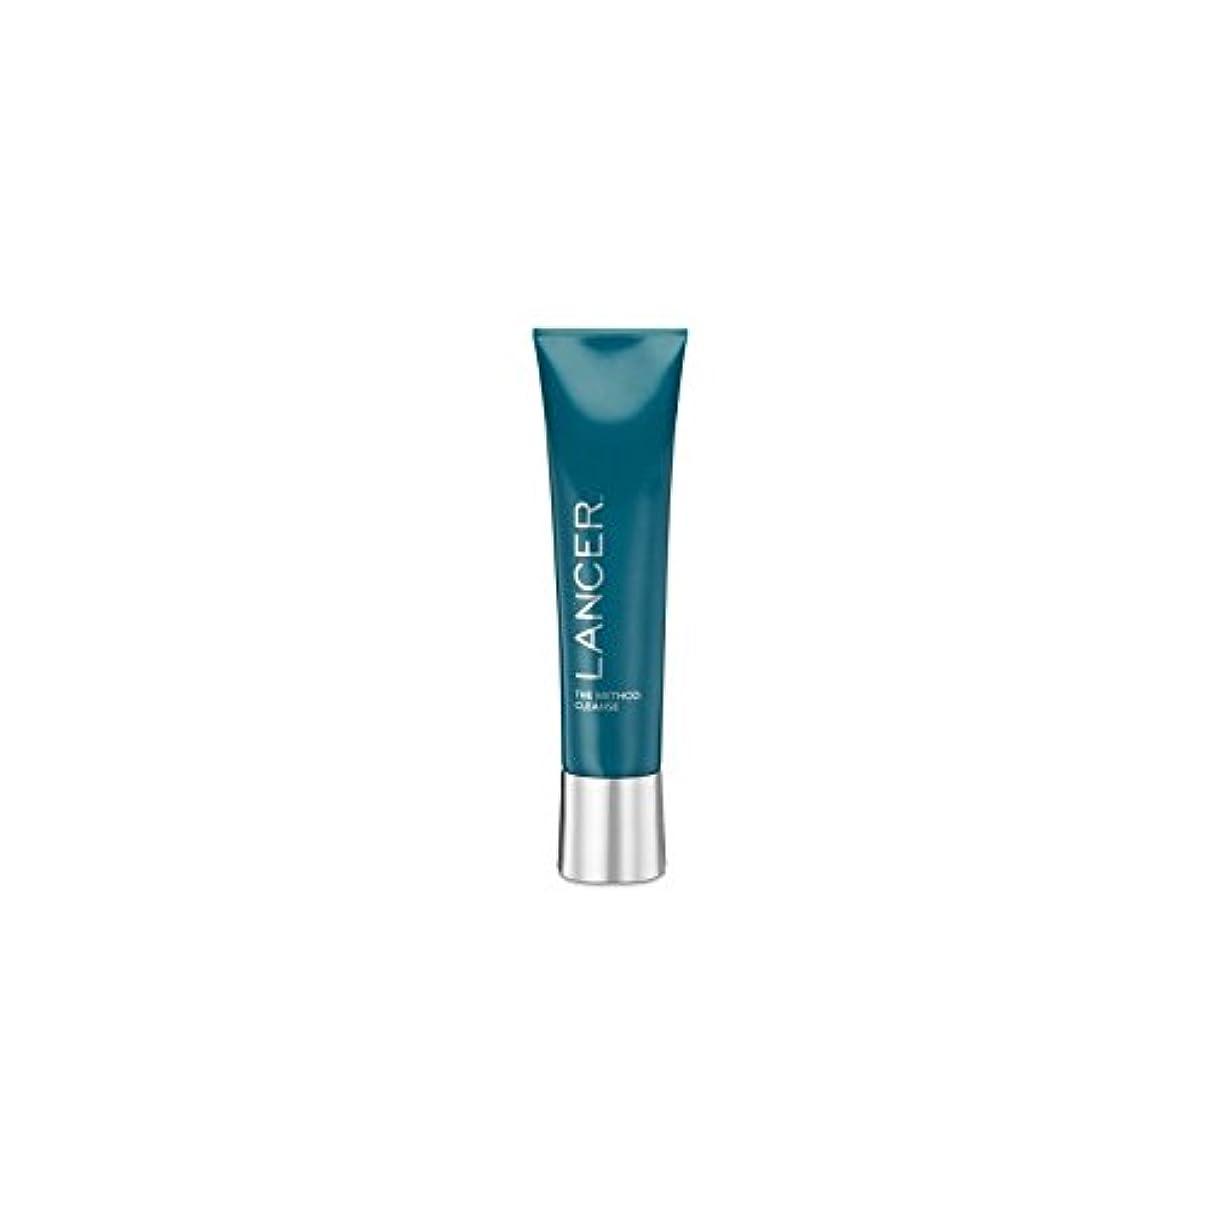 クレンザー(120ミリリットル):ランサーは、メソッドをスキンケア x4 - Lancer Skincare The Method: Cleanser (120ml) (Pack of 4) [並行輸入品]